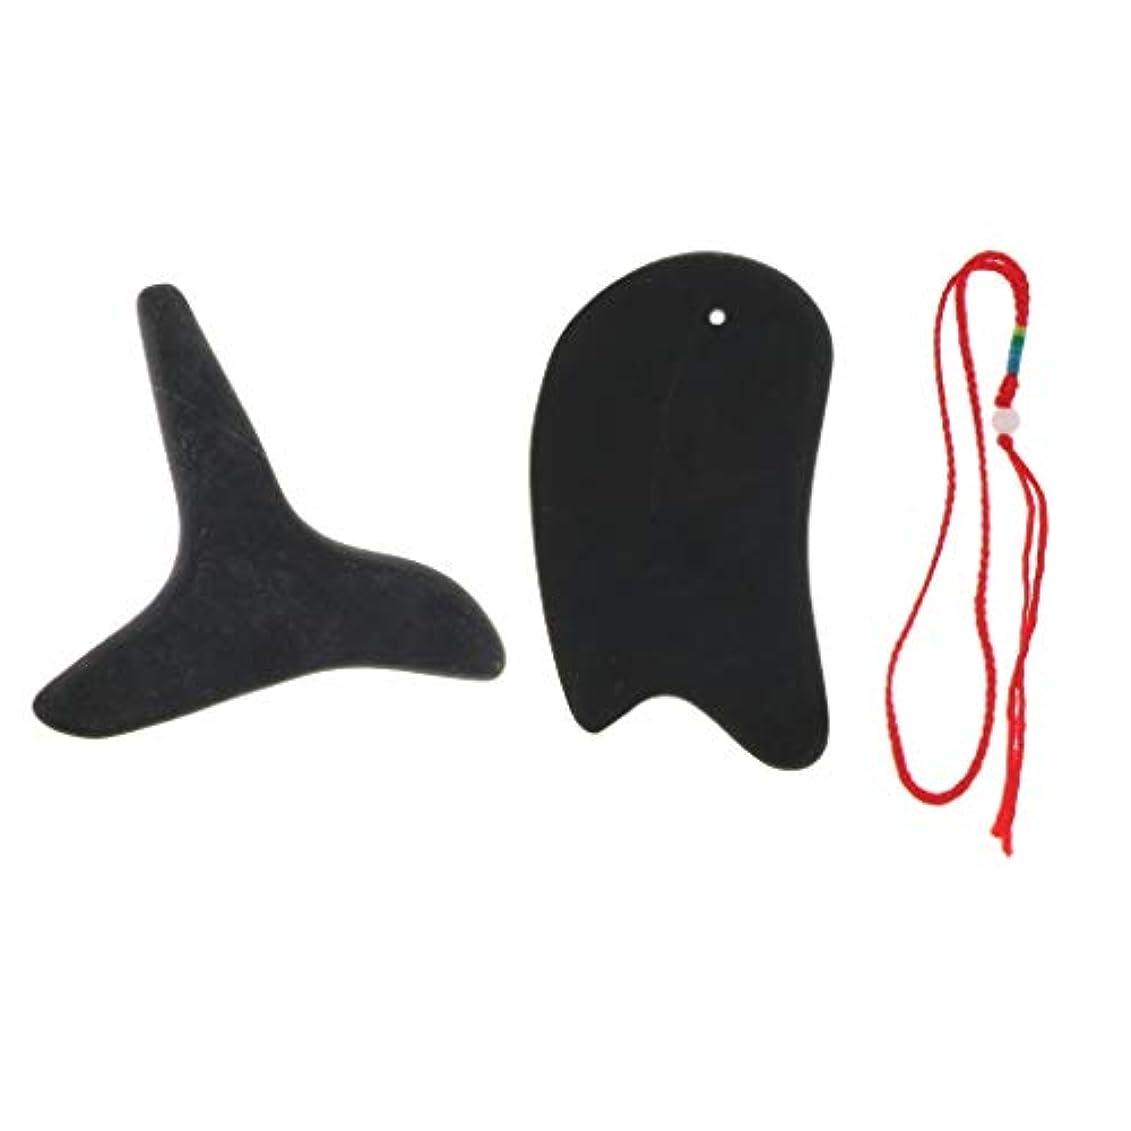 頭痛フェード土砂降りポータブル 軽量 かっさプレート 美顔 ボディ マッサージ 使いやすい 2個 快適 疲労緩解